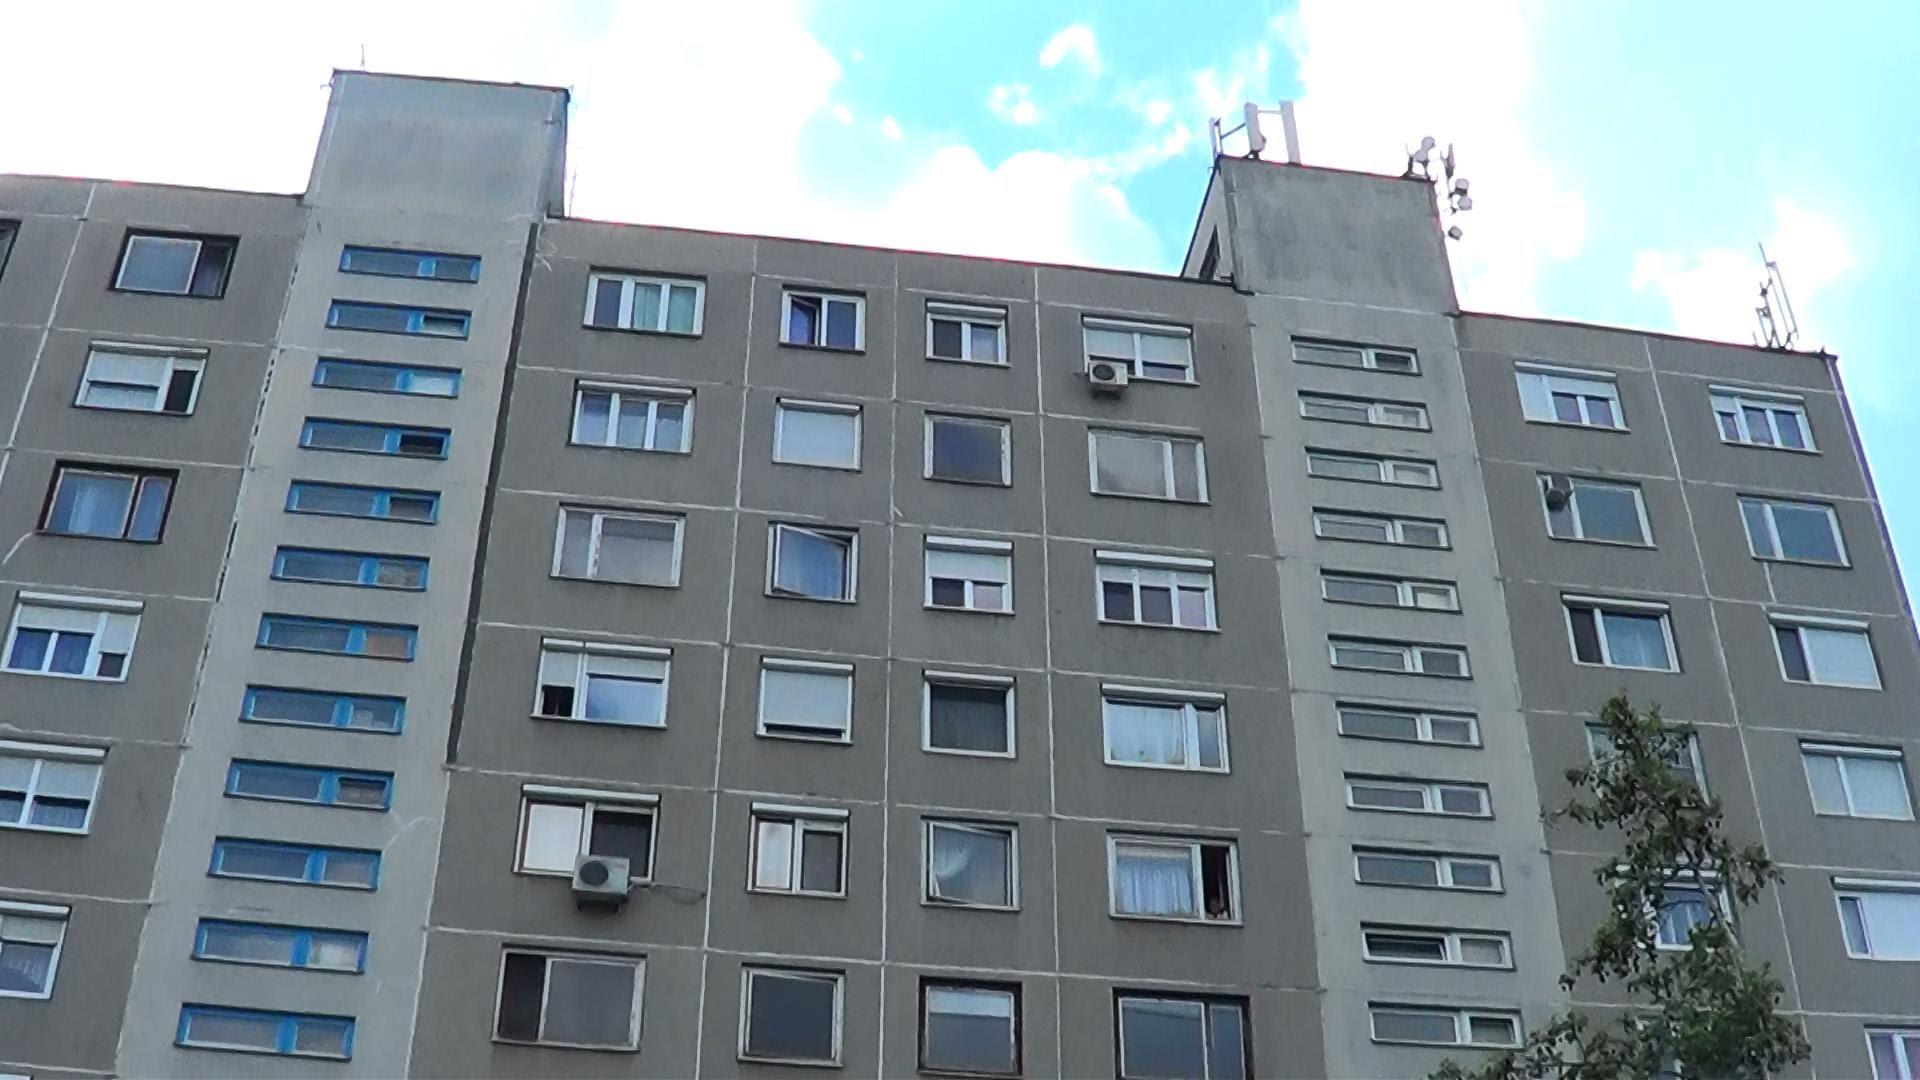 10 emeletet zuhant a lifttel a terhes Csilla Budapesten